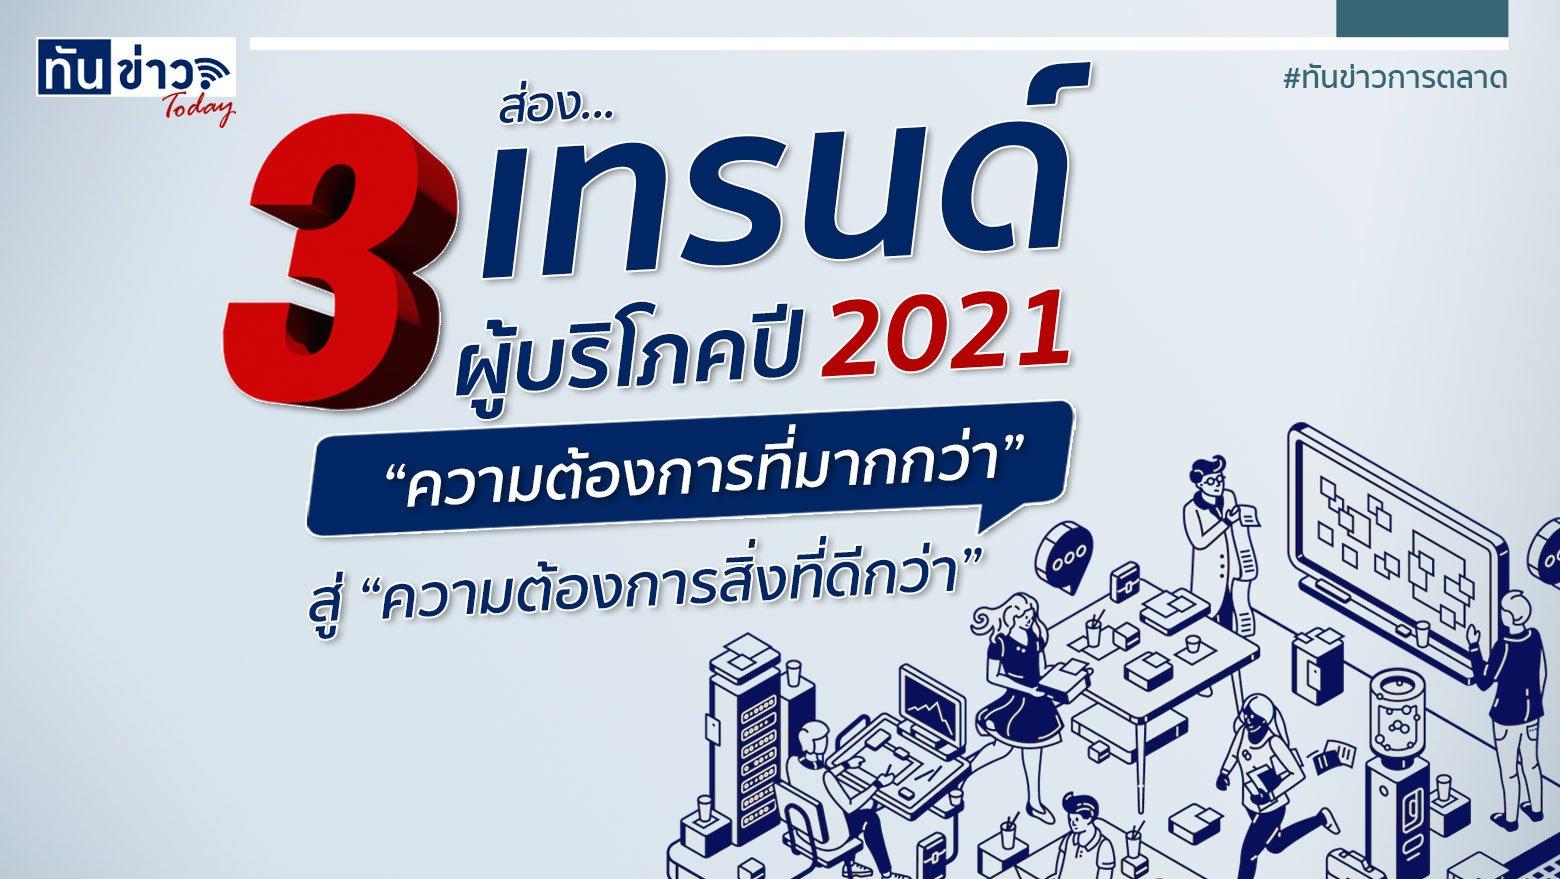 ส่อง 3 เทรนด์ผู้บริโภค ปี 2021